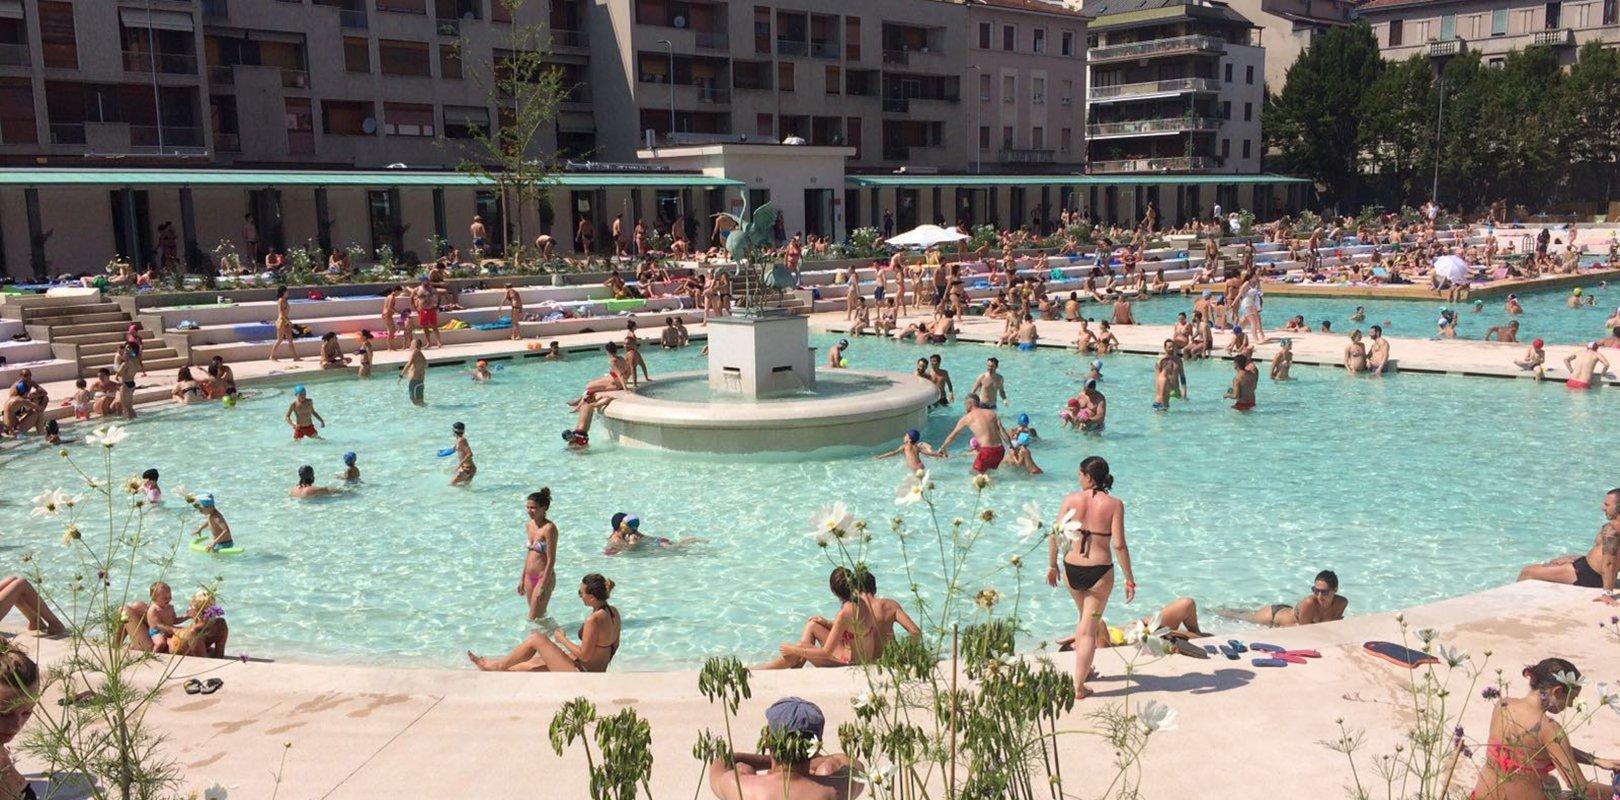 piscine a milano, piscine all'aperto a milano